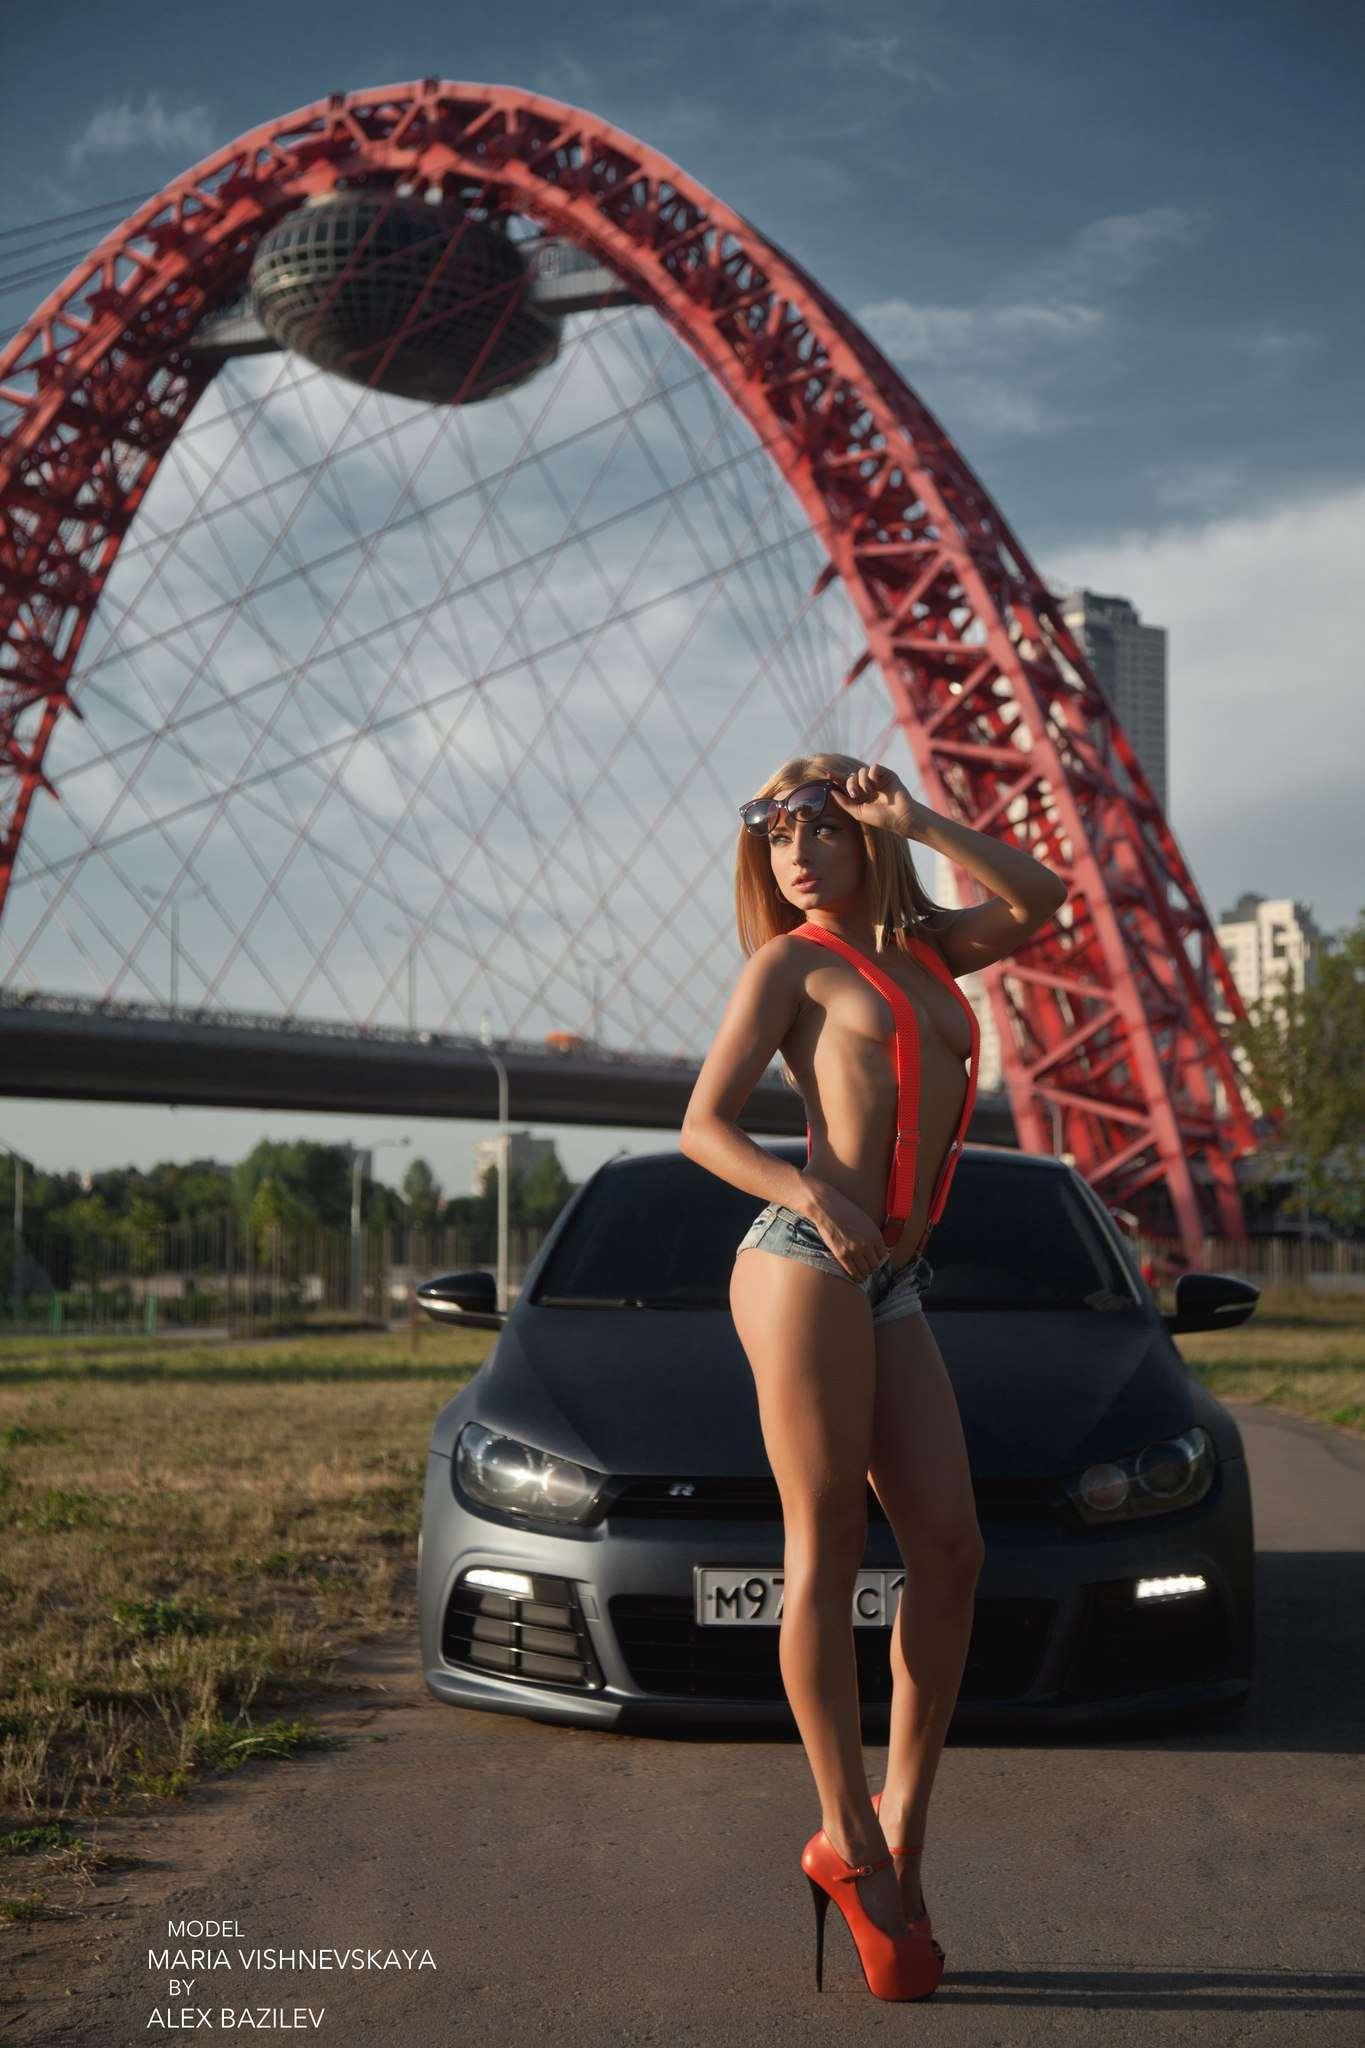 Сексуальные девушки и автомобили (часть 11)